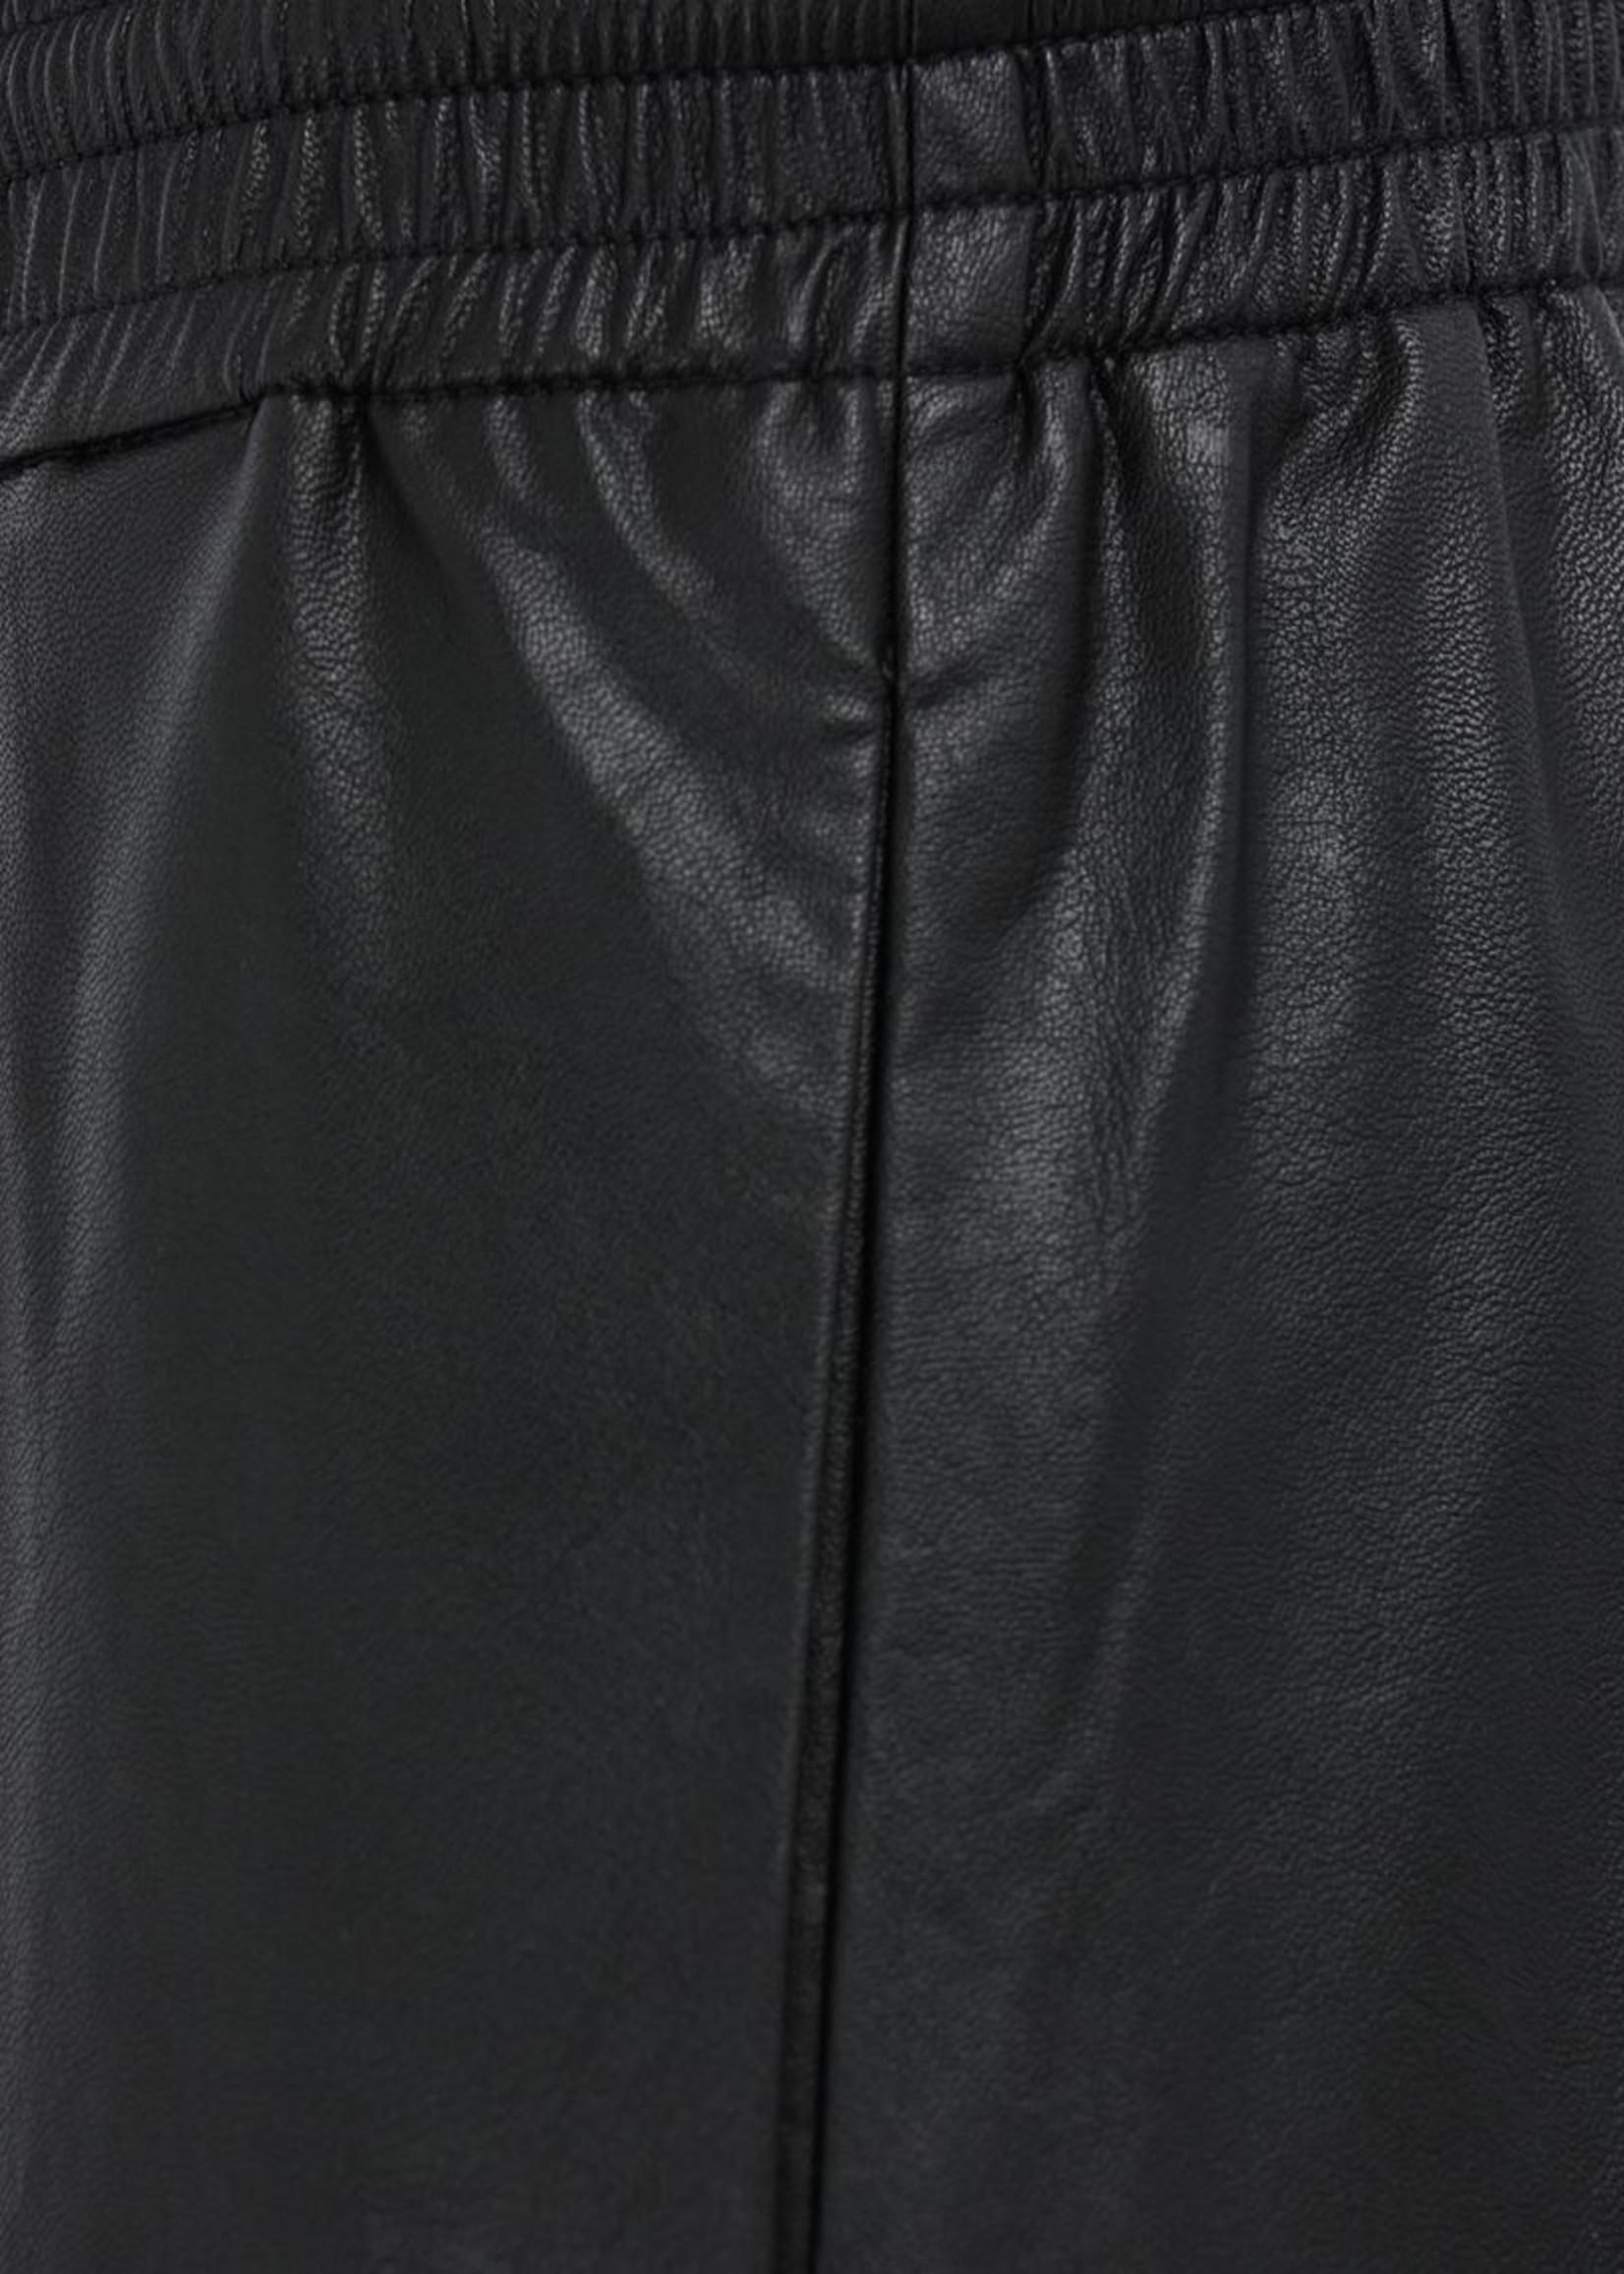 MM6 MAISON MARGIELA Vegan Leather Basketball Shorts